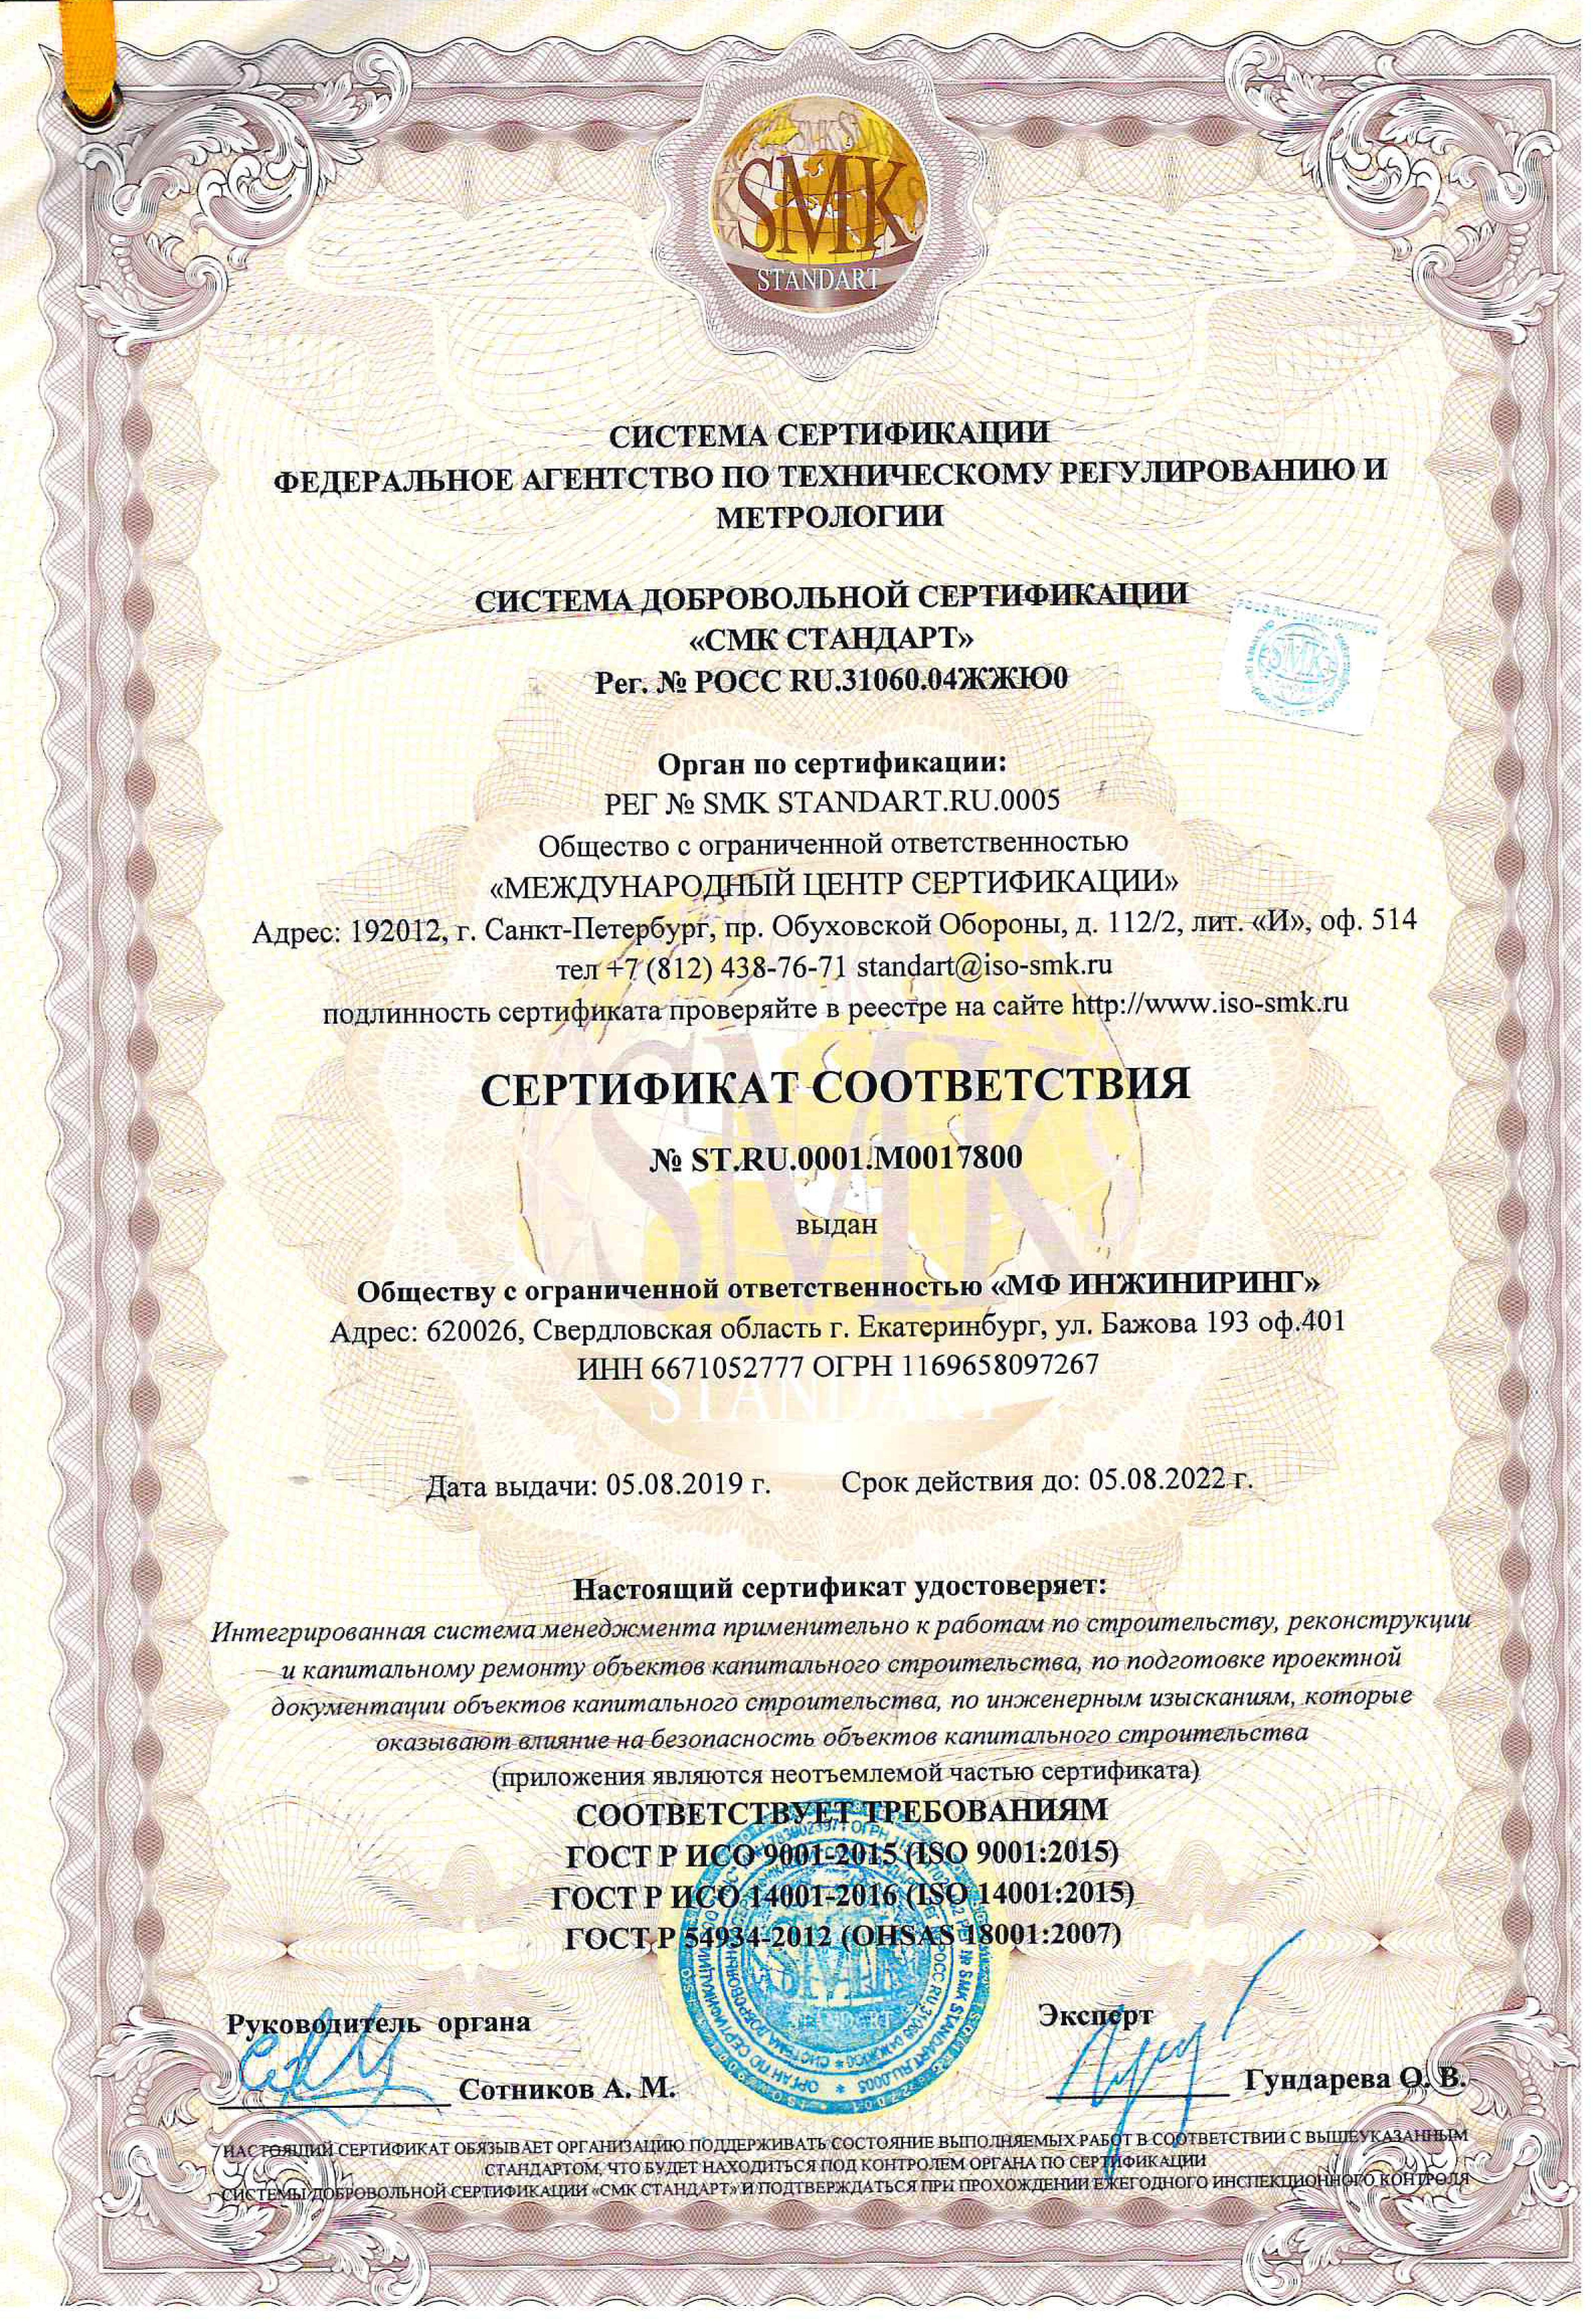 Сертификат соответствия 9001